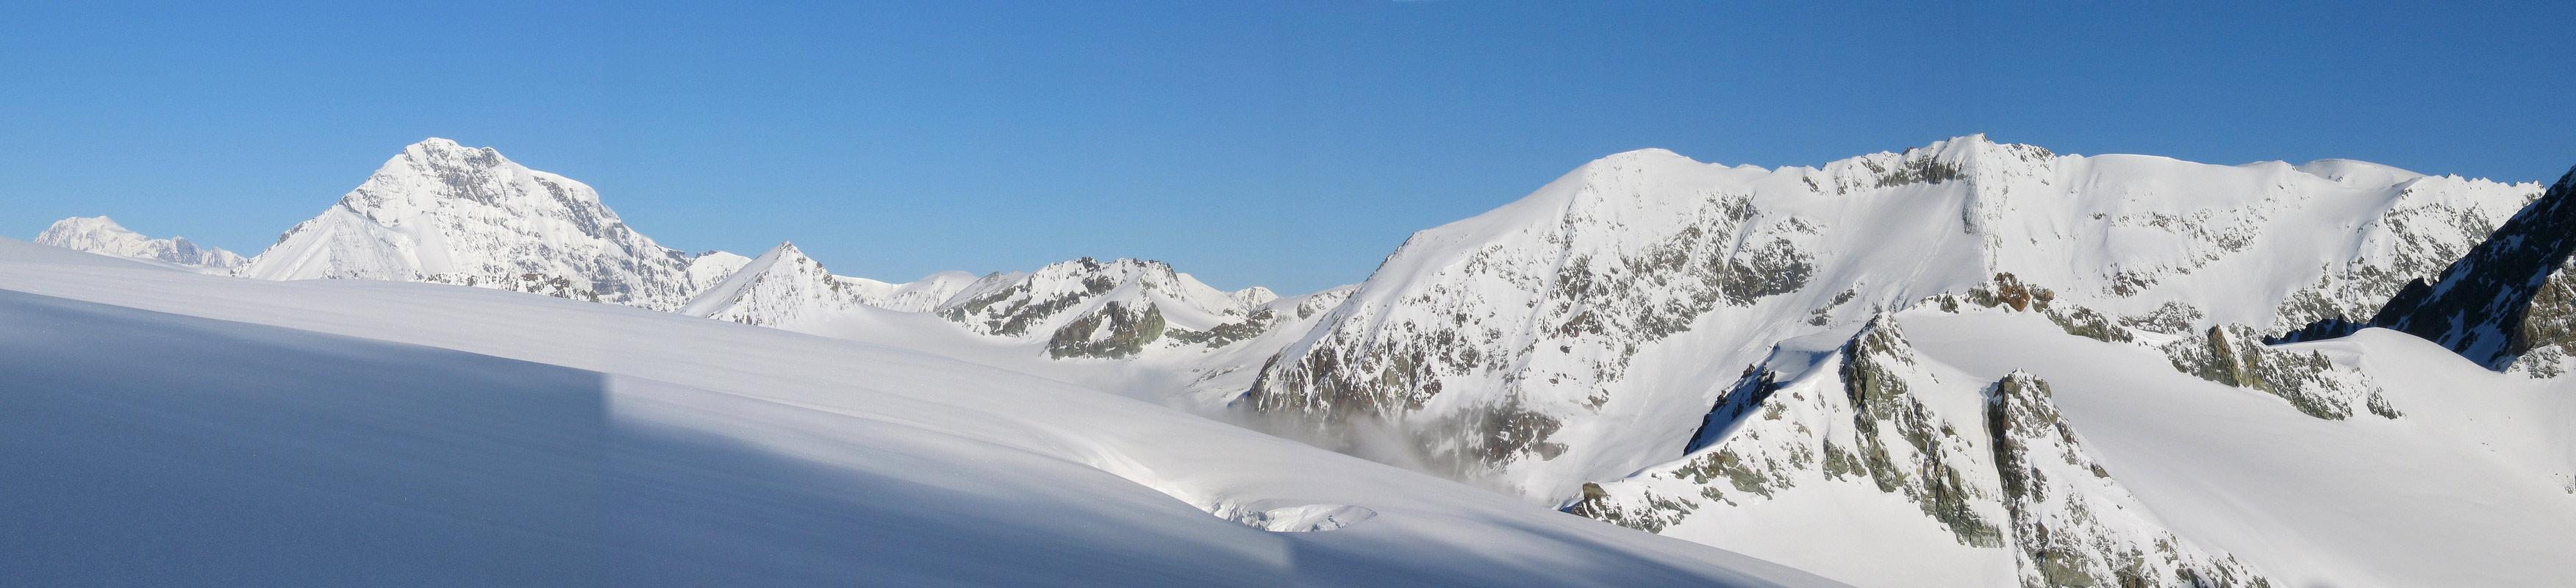 Col Valpelline, Day 6 H.R. Chamonix-Zermatt Walliser Alpen / Alpes valaisannes Schweiz panorama 28